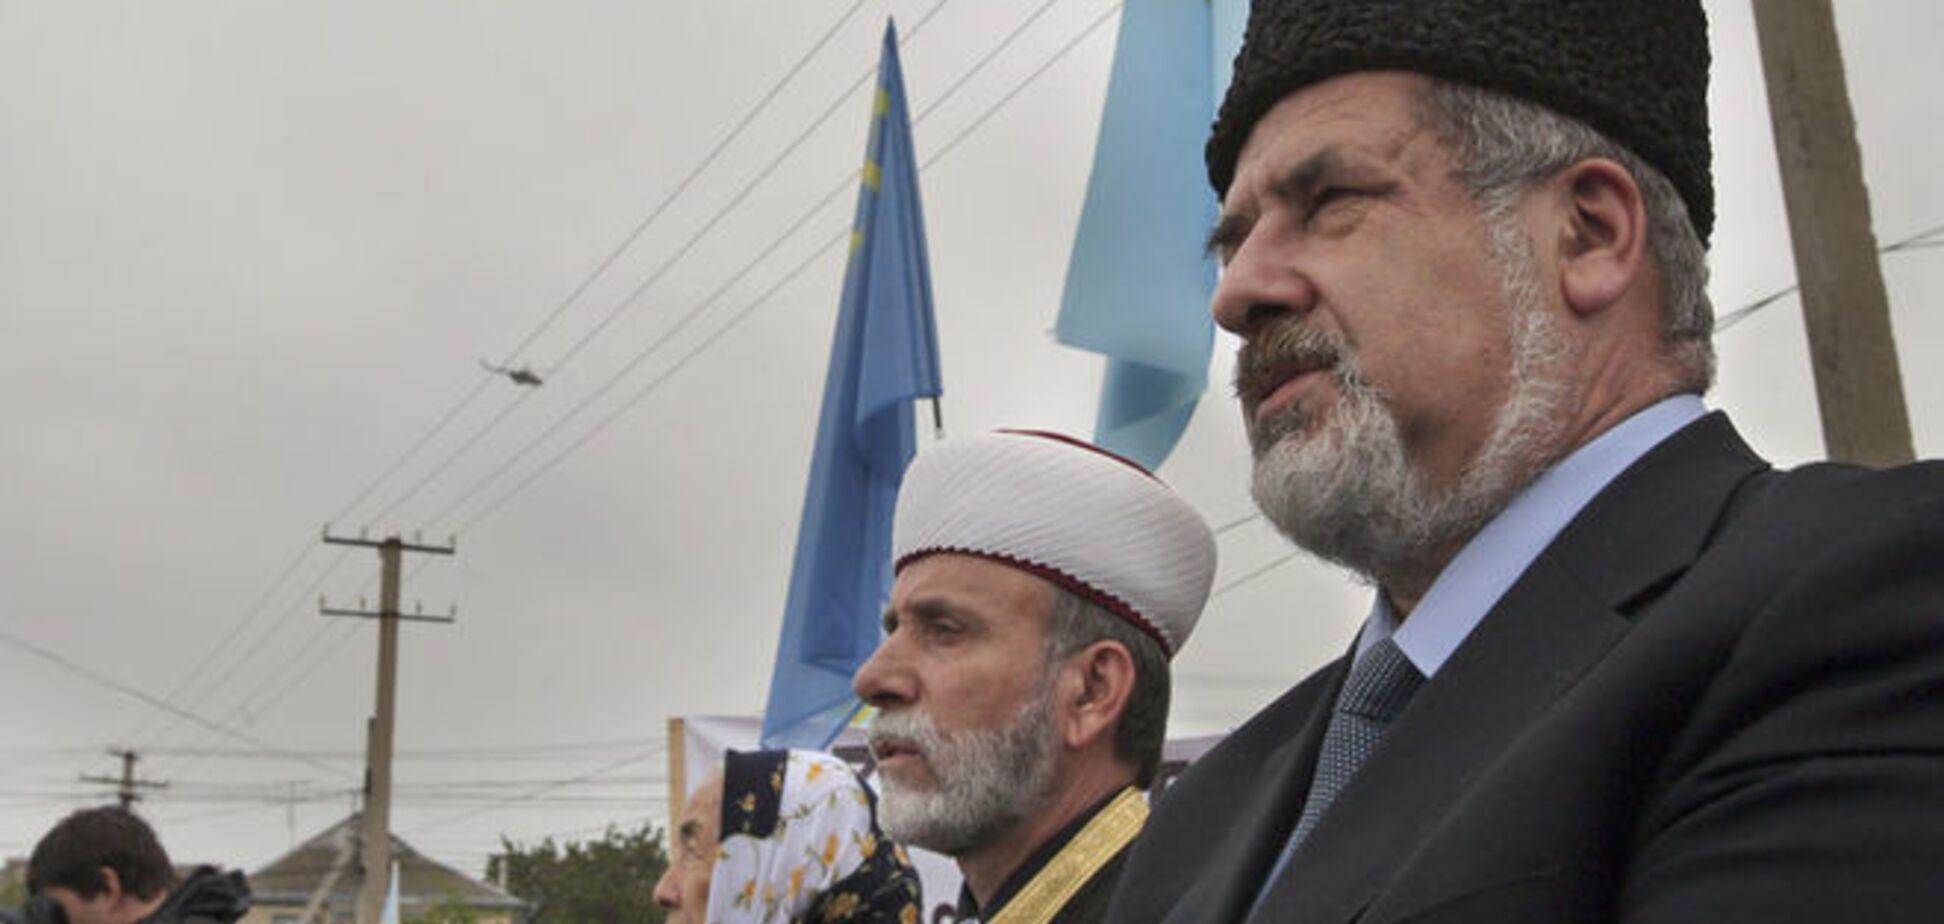 Крымские татары требуют признать политику России геноцидом